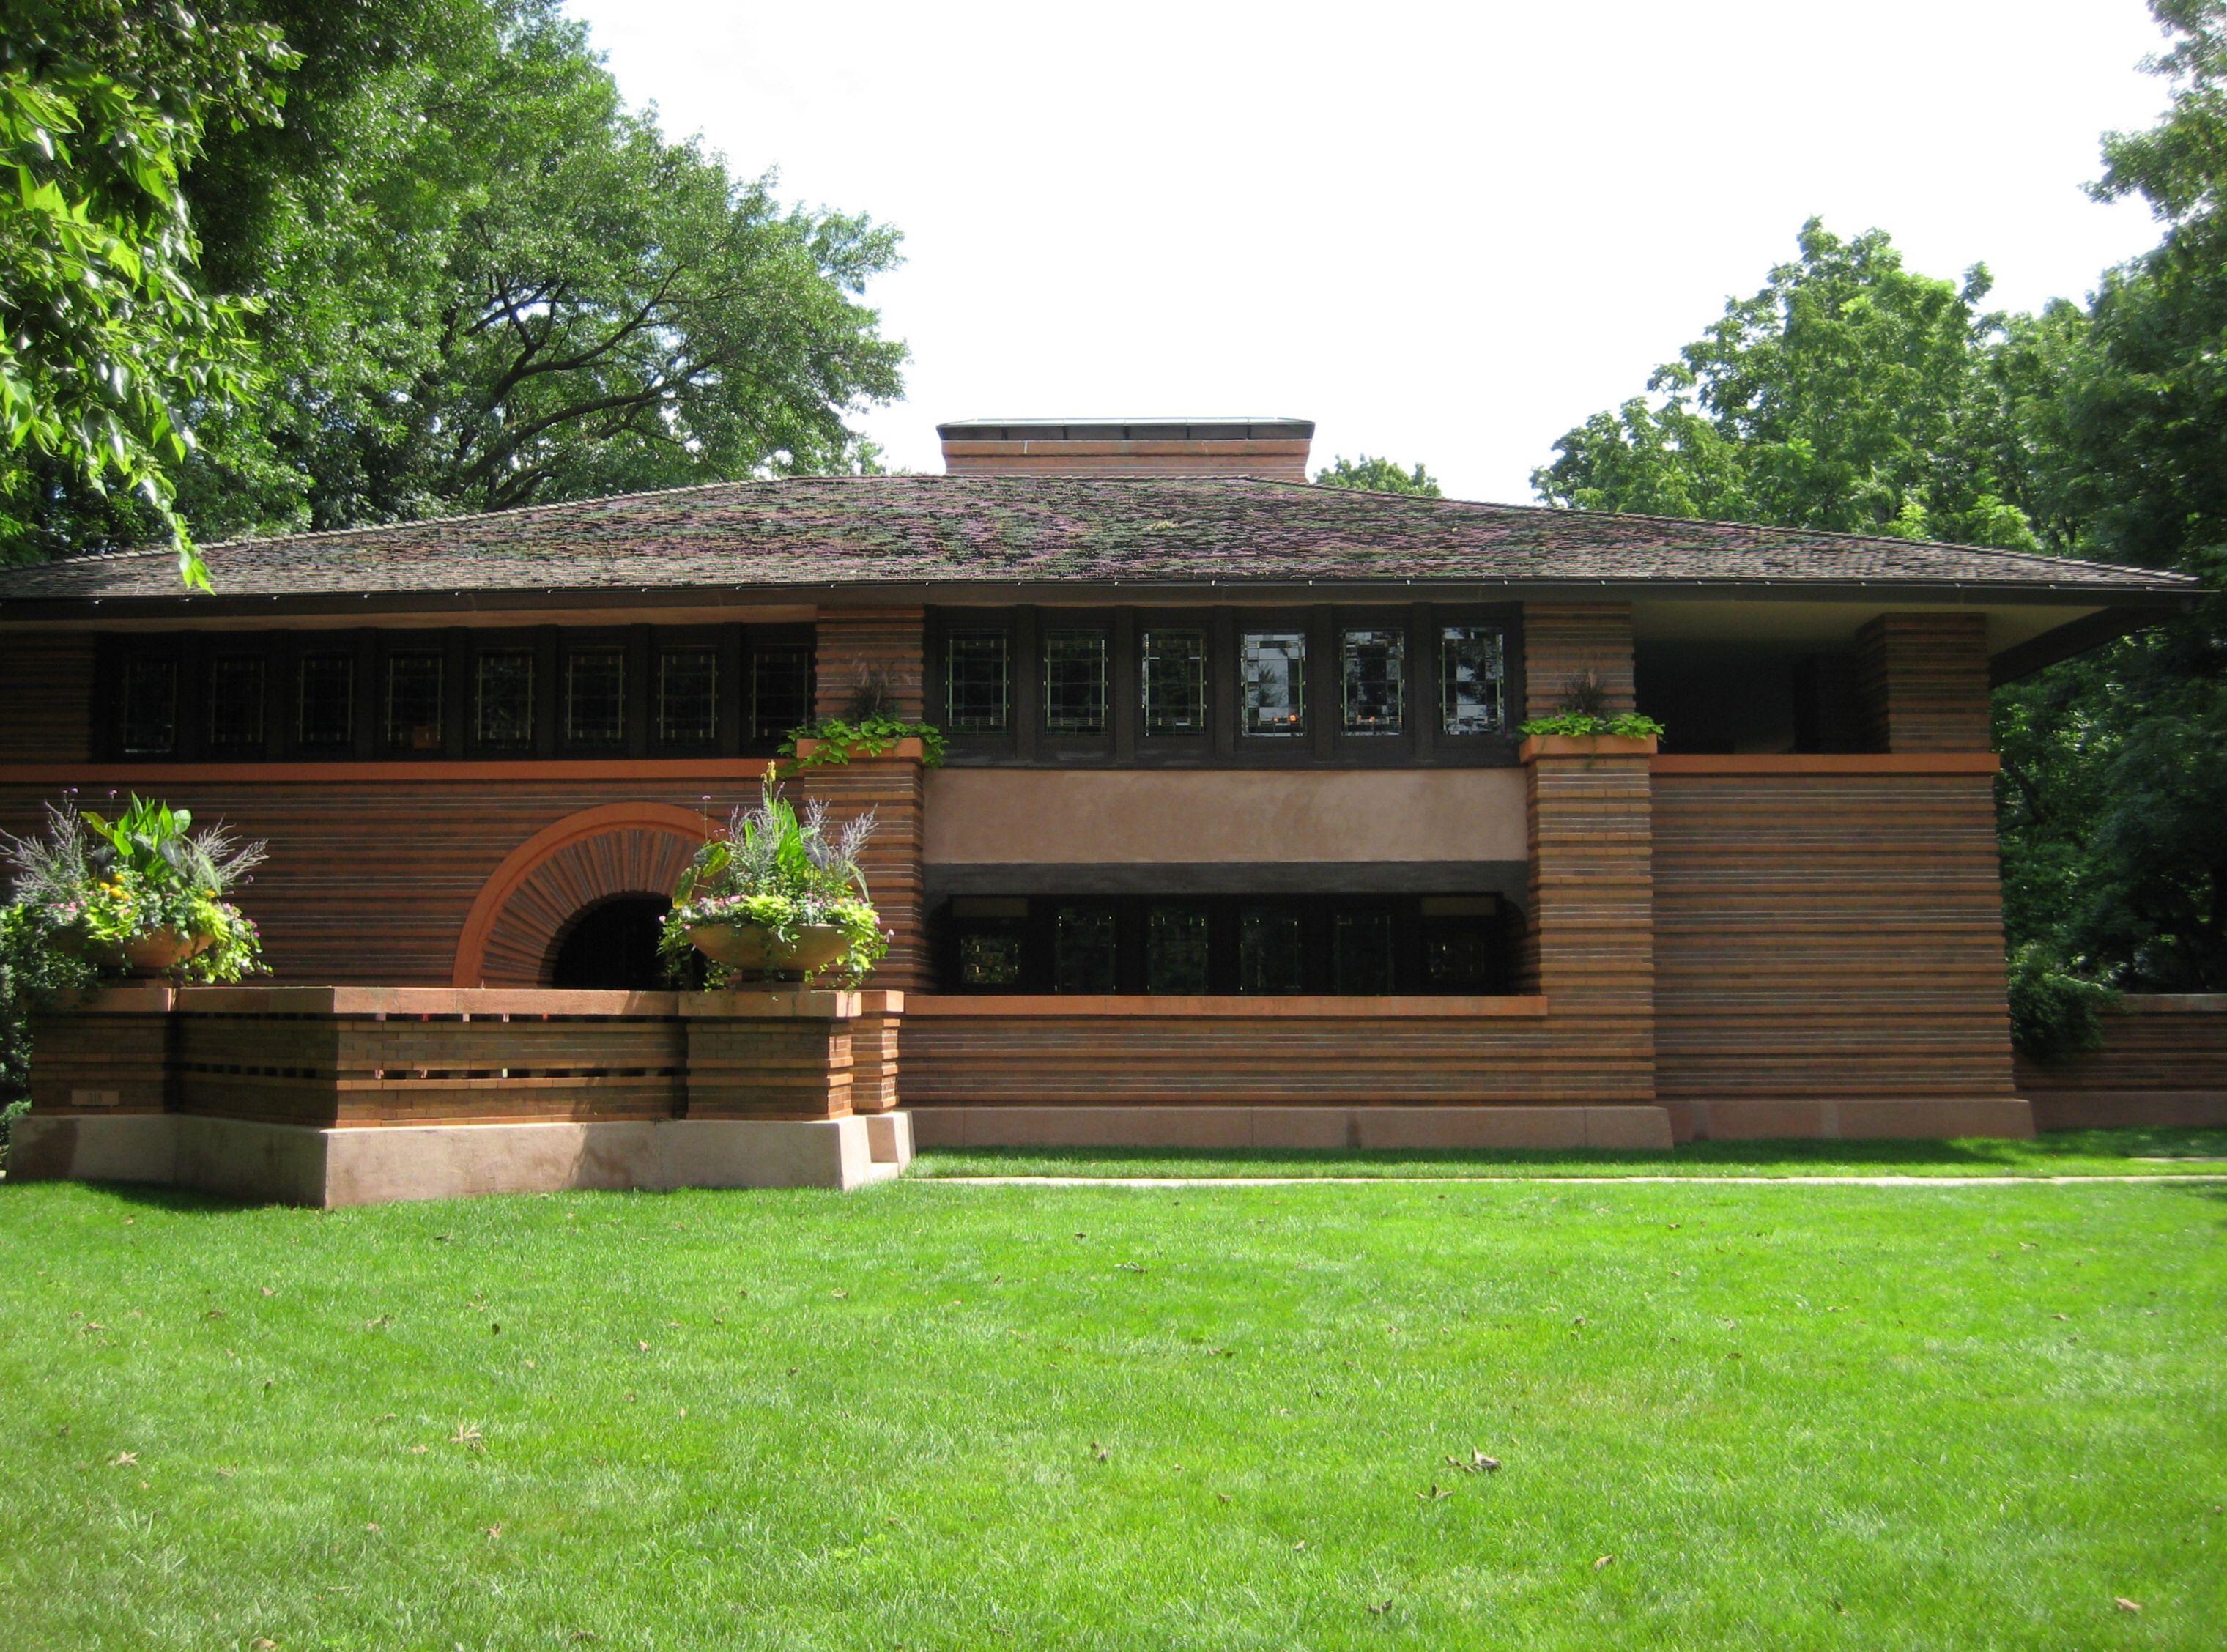 Imagem de https://upload.wikimedia.org/wikipedia/commons/5/55/Prairie_School_Style_Home.JPG.